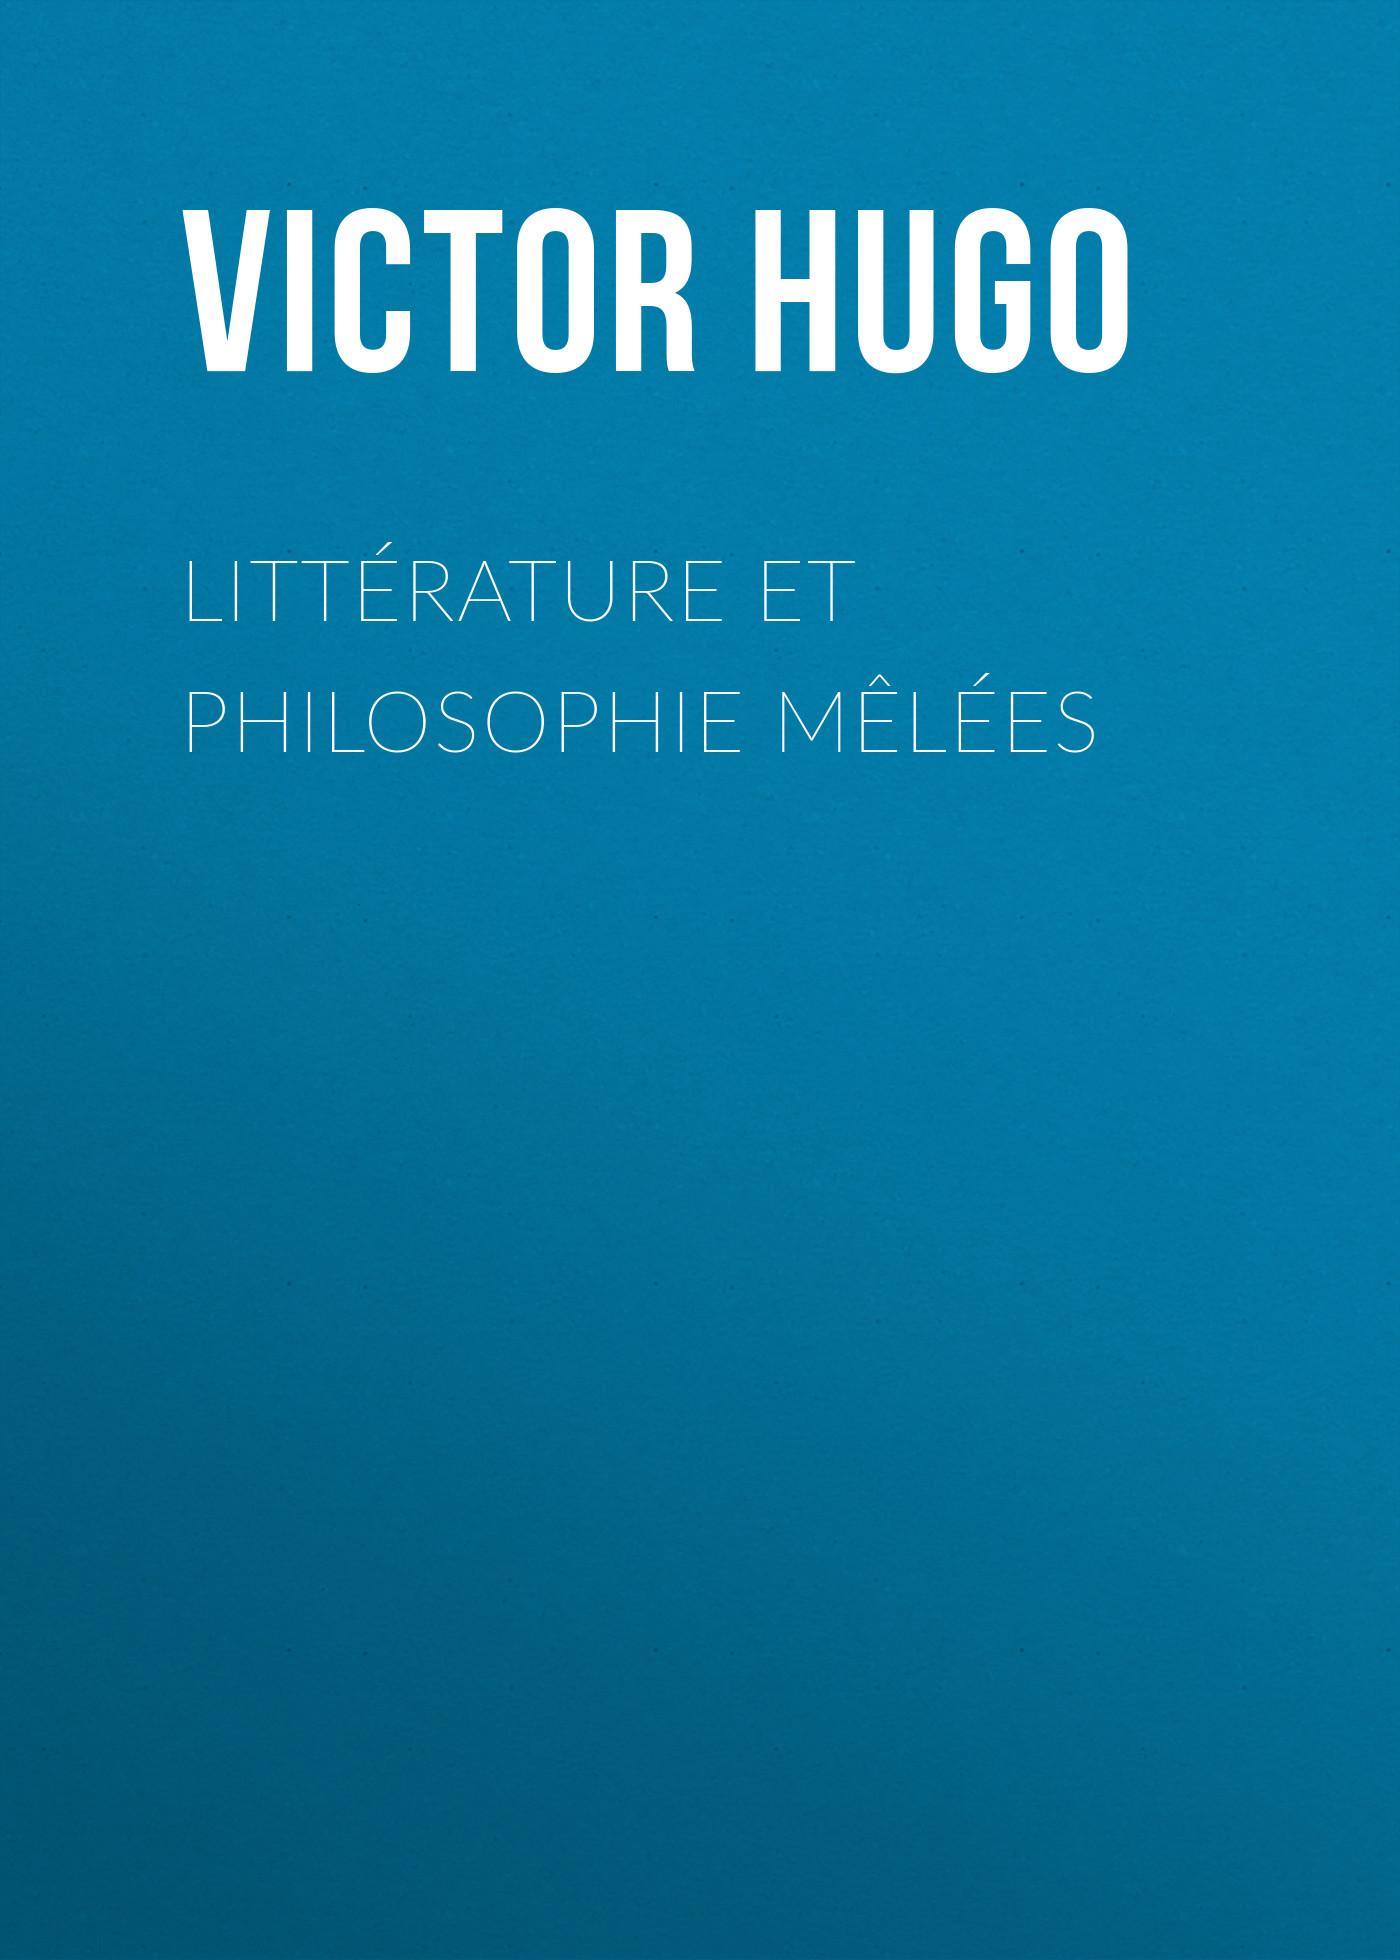 цена на Виктор Мари Гюго Littérature et Philosophie mêlées